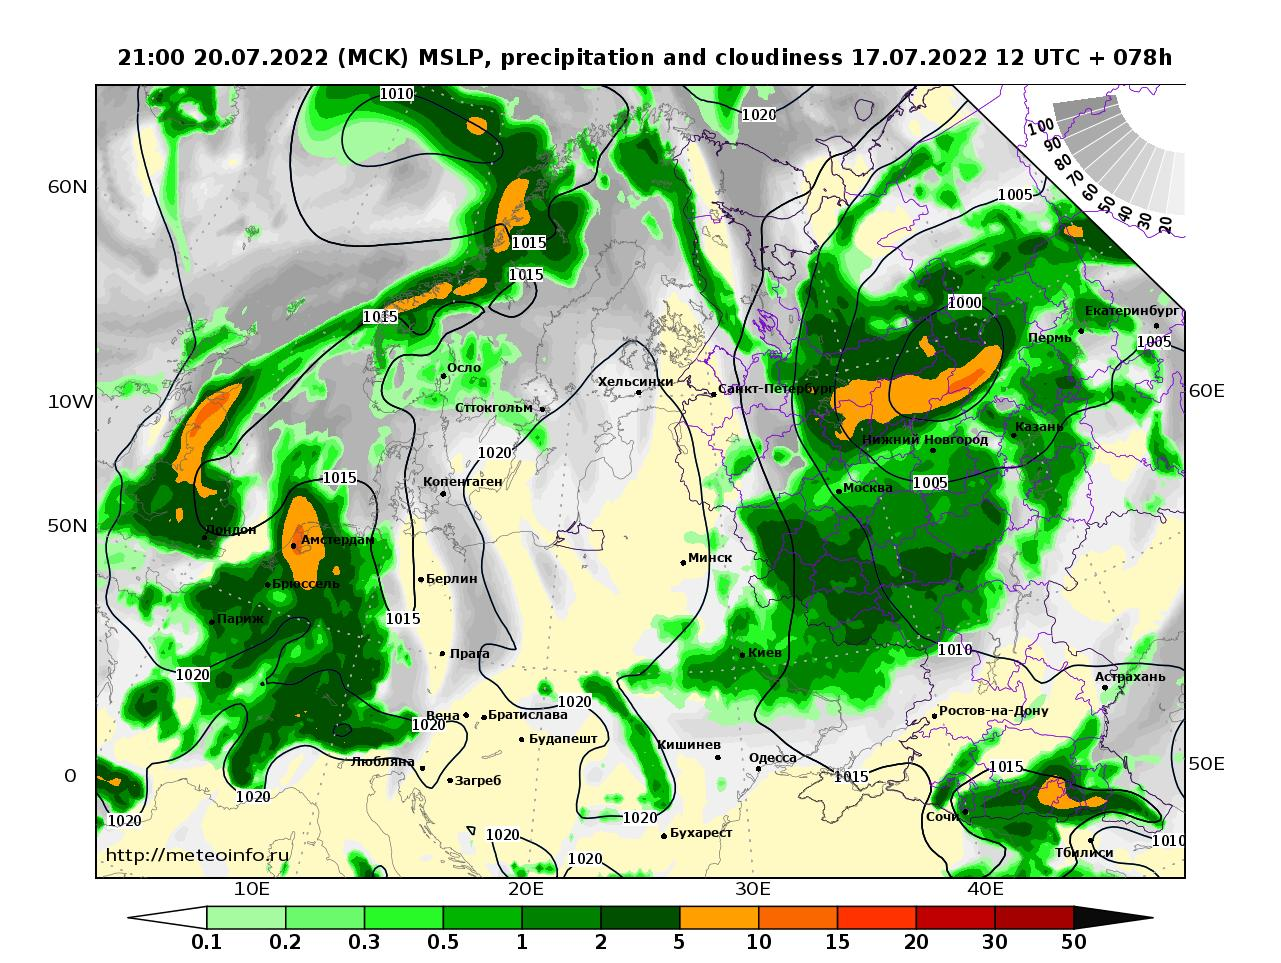 Европейская территория России, прогностическая карта осадки и давление, заблаговременность прогноза 78 часов